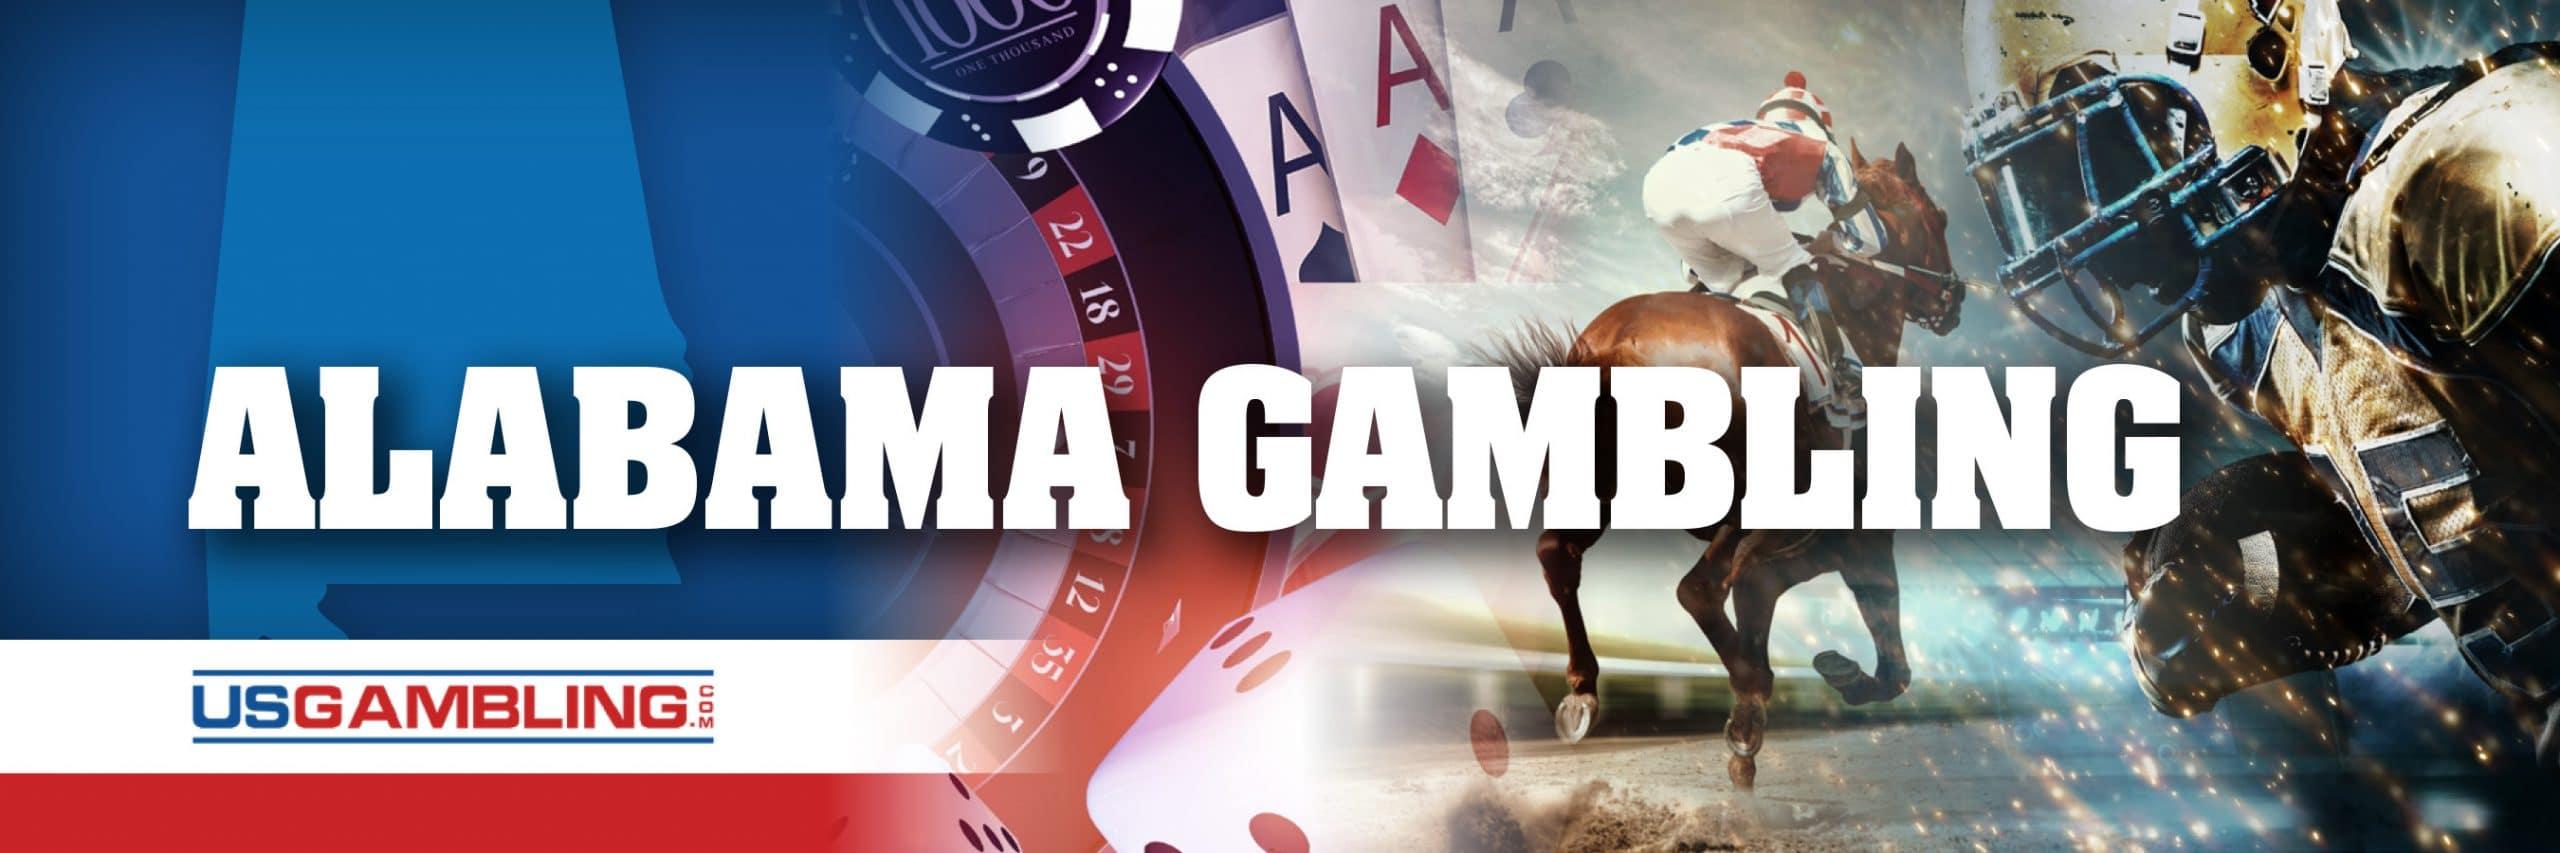 Legal Alabama Gambling